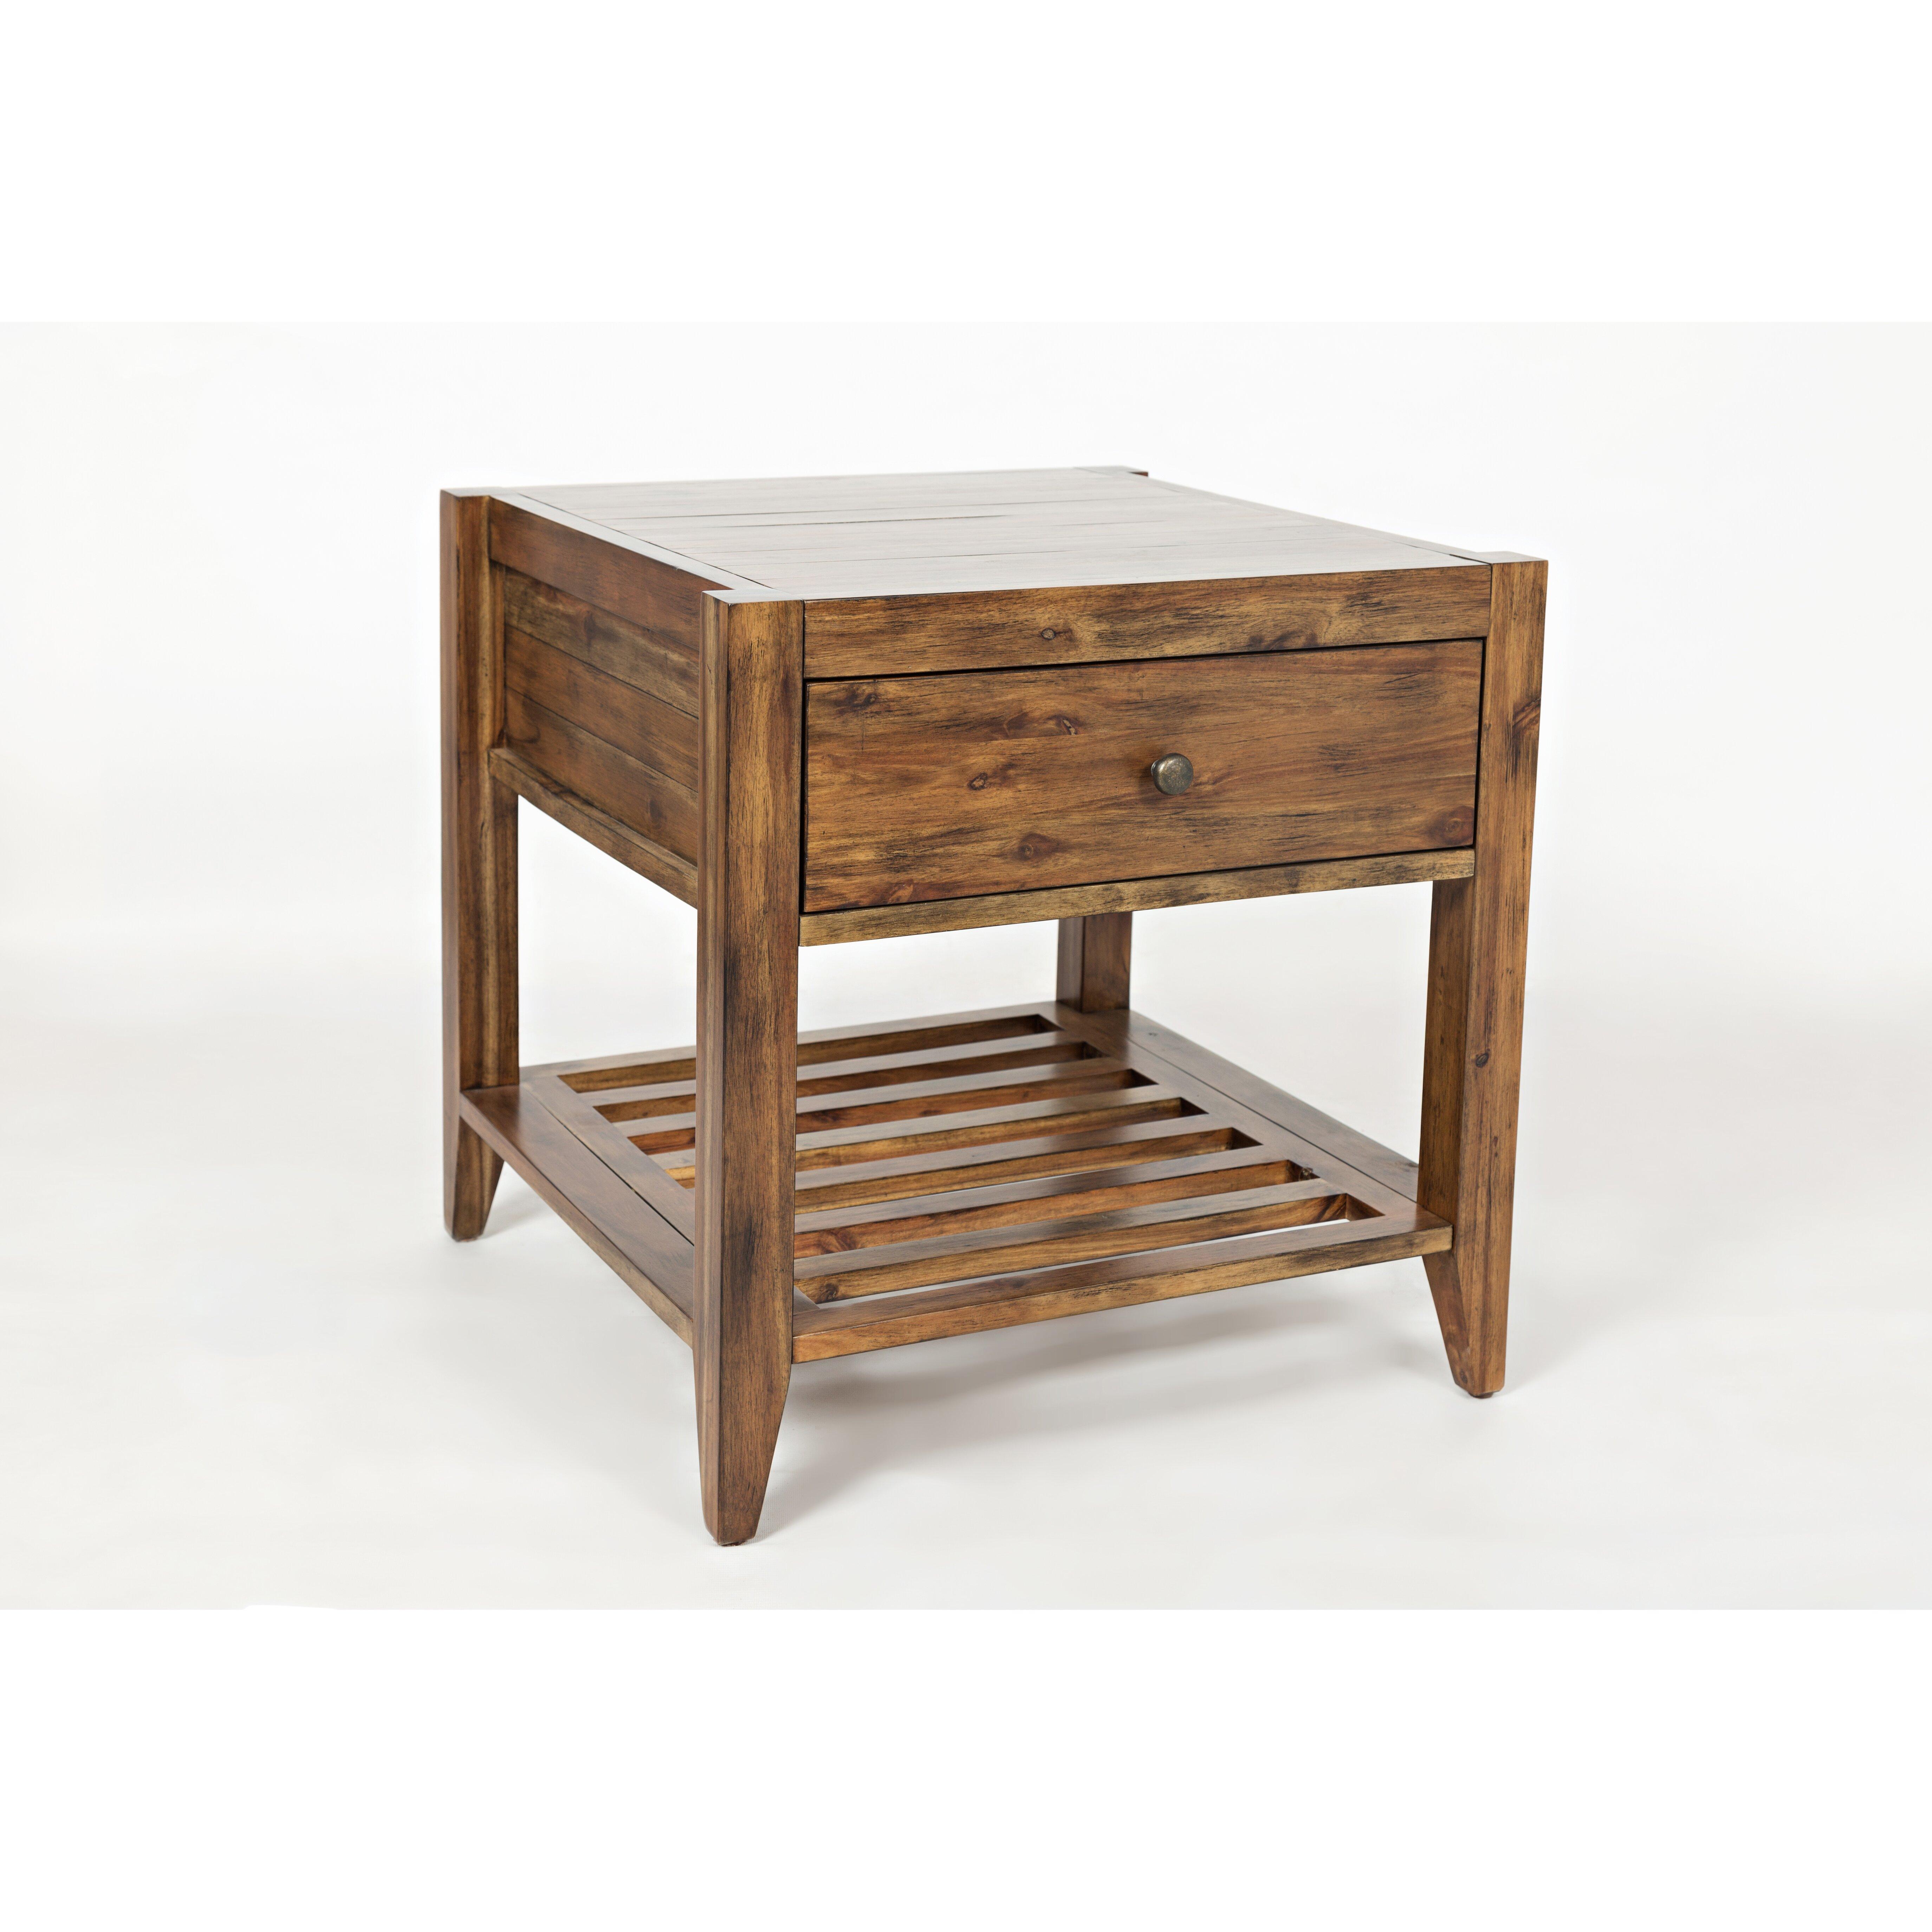 Laurel foundry modern farmhouse athena end table wayfair for Farmhouse end table set